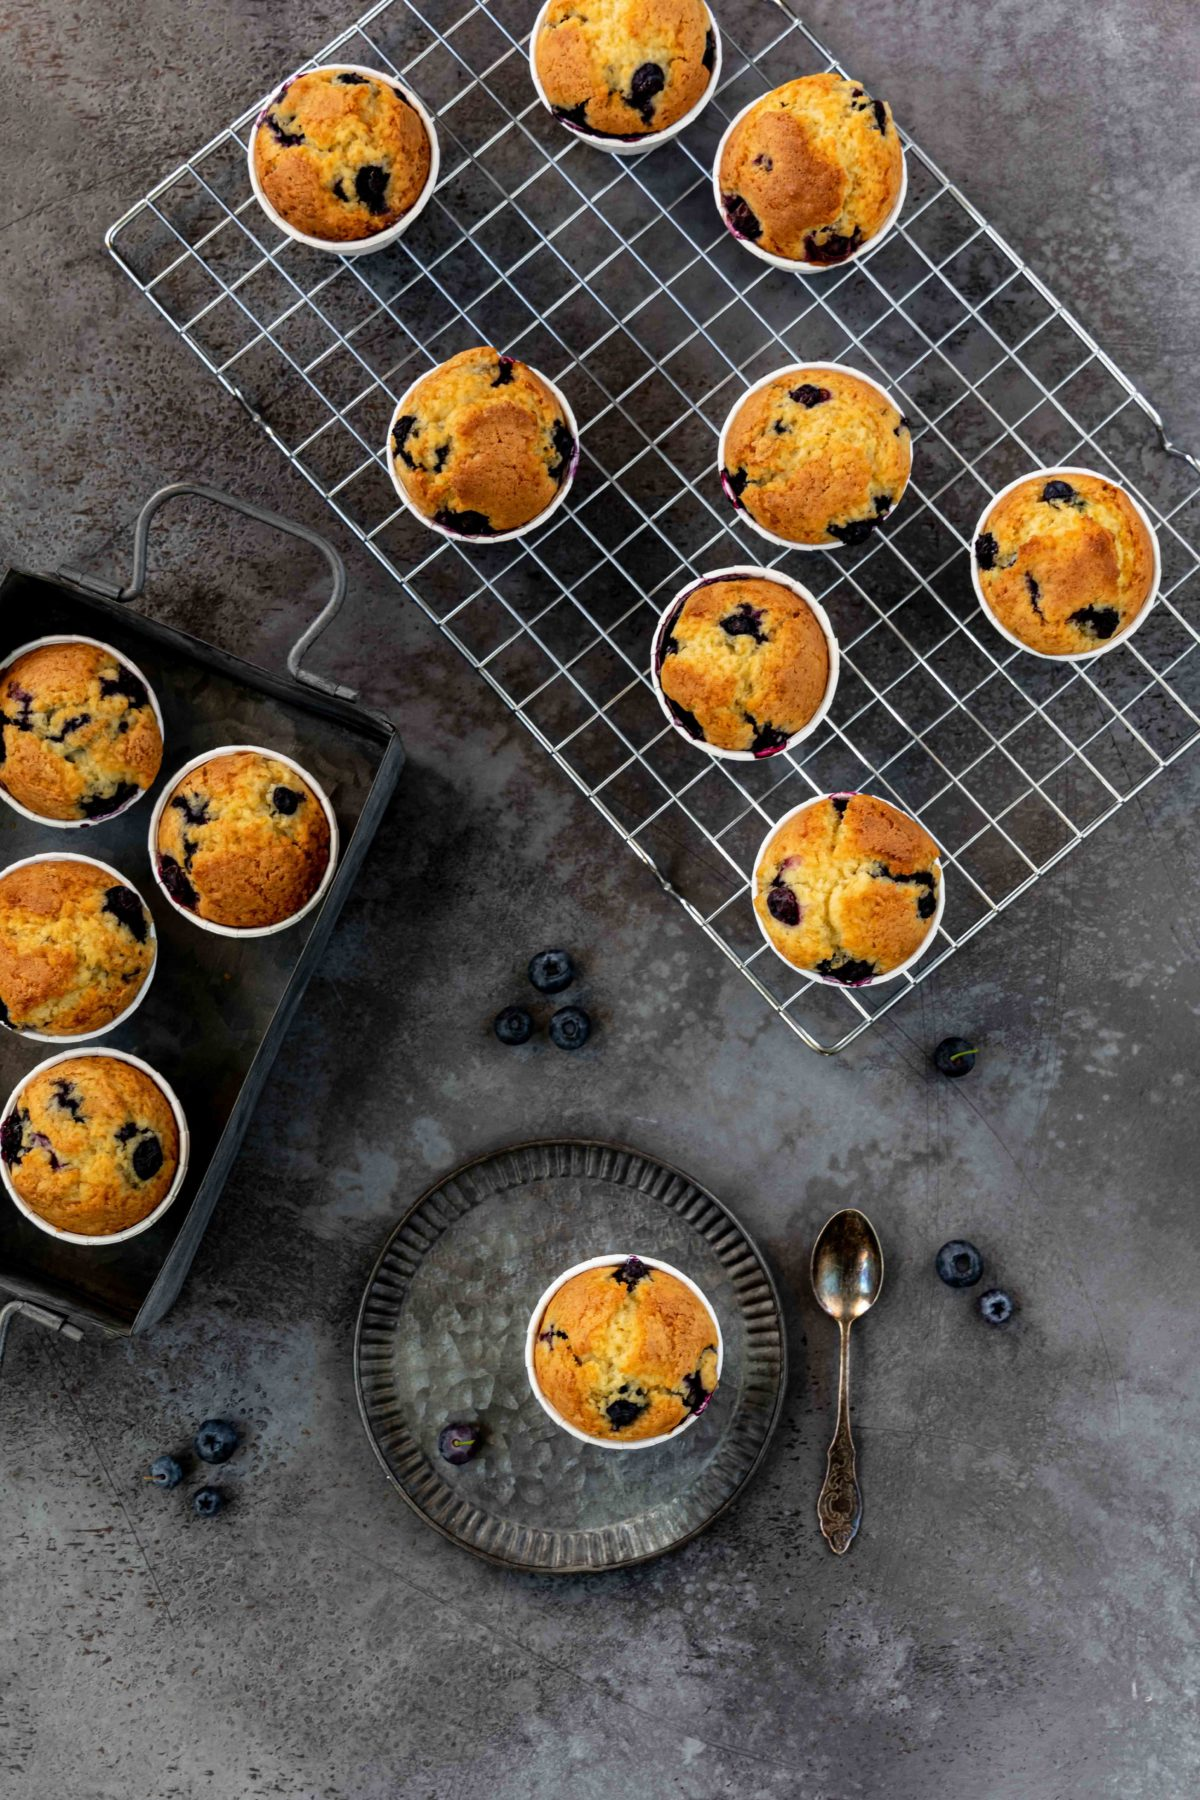 Blaubeer-Muffins // Blueberry Muffins by https://babyrockmyday.com/blaubeer-muffins/